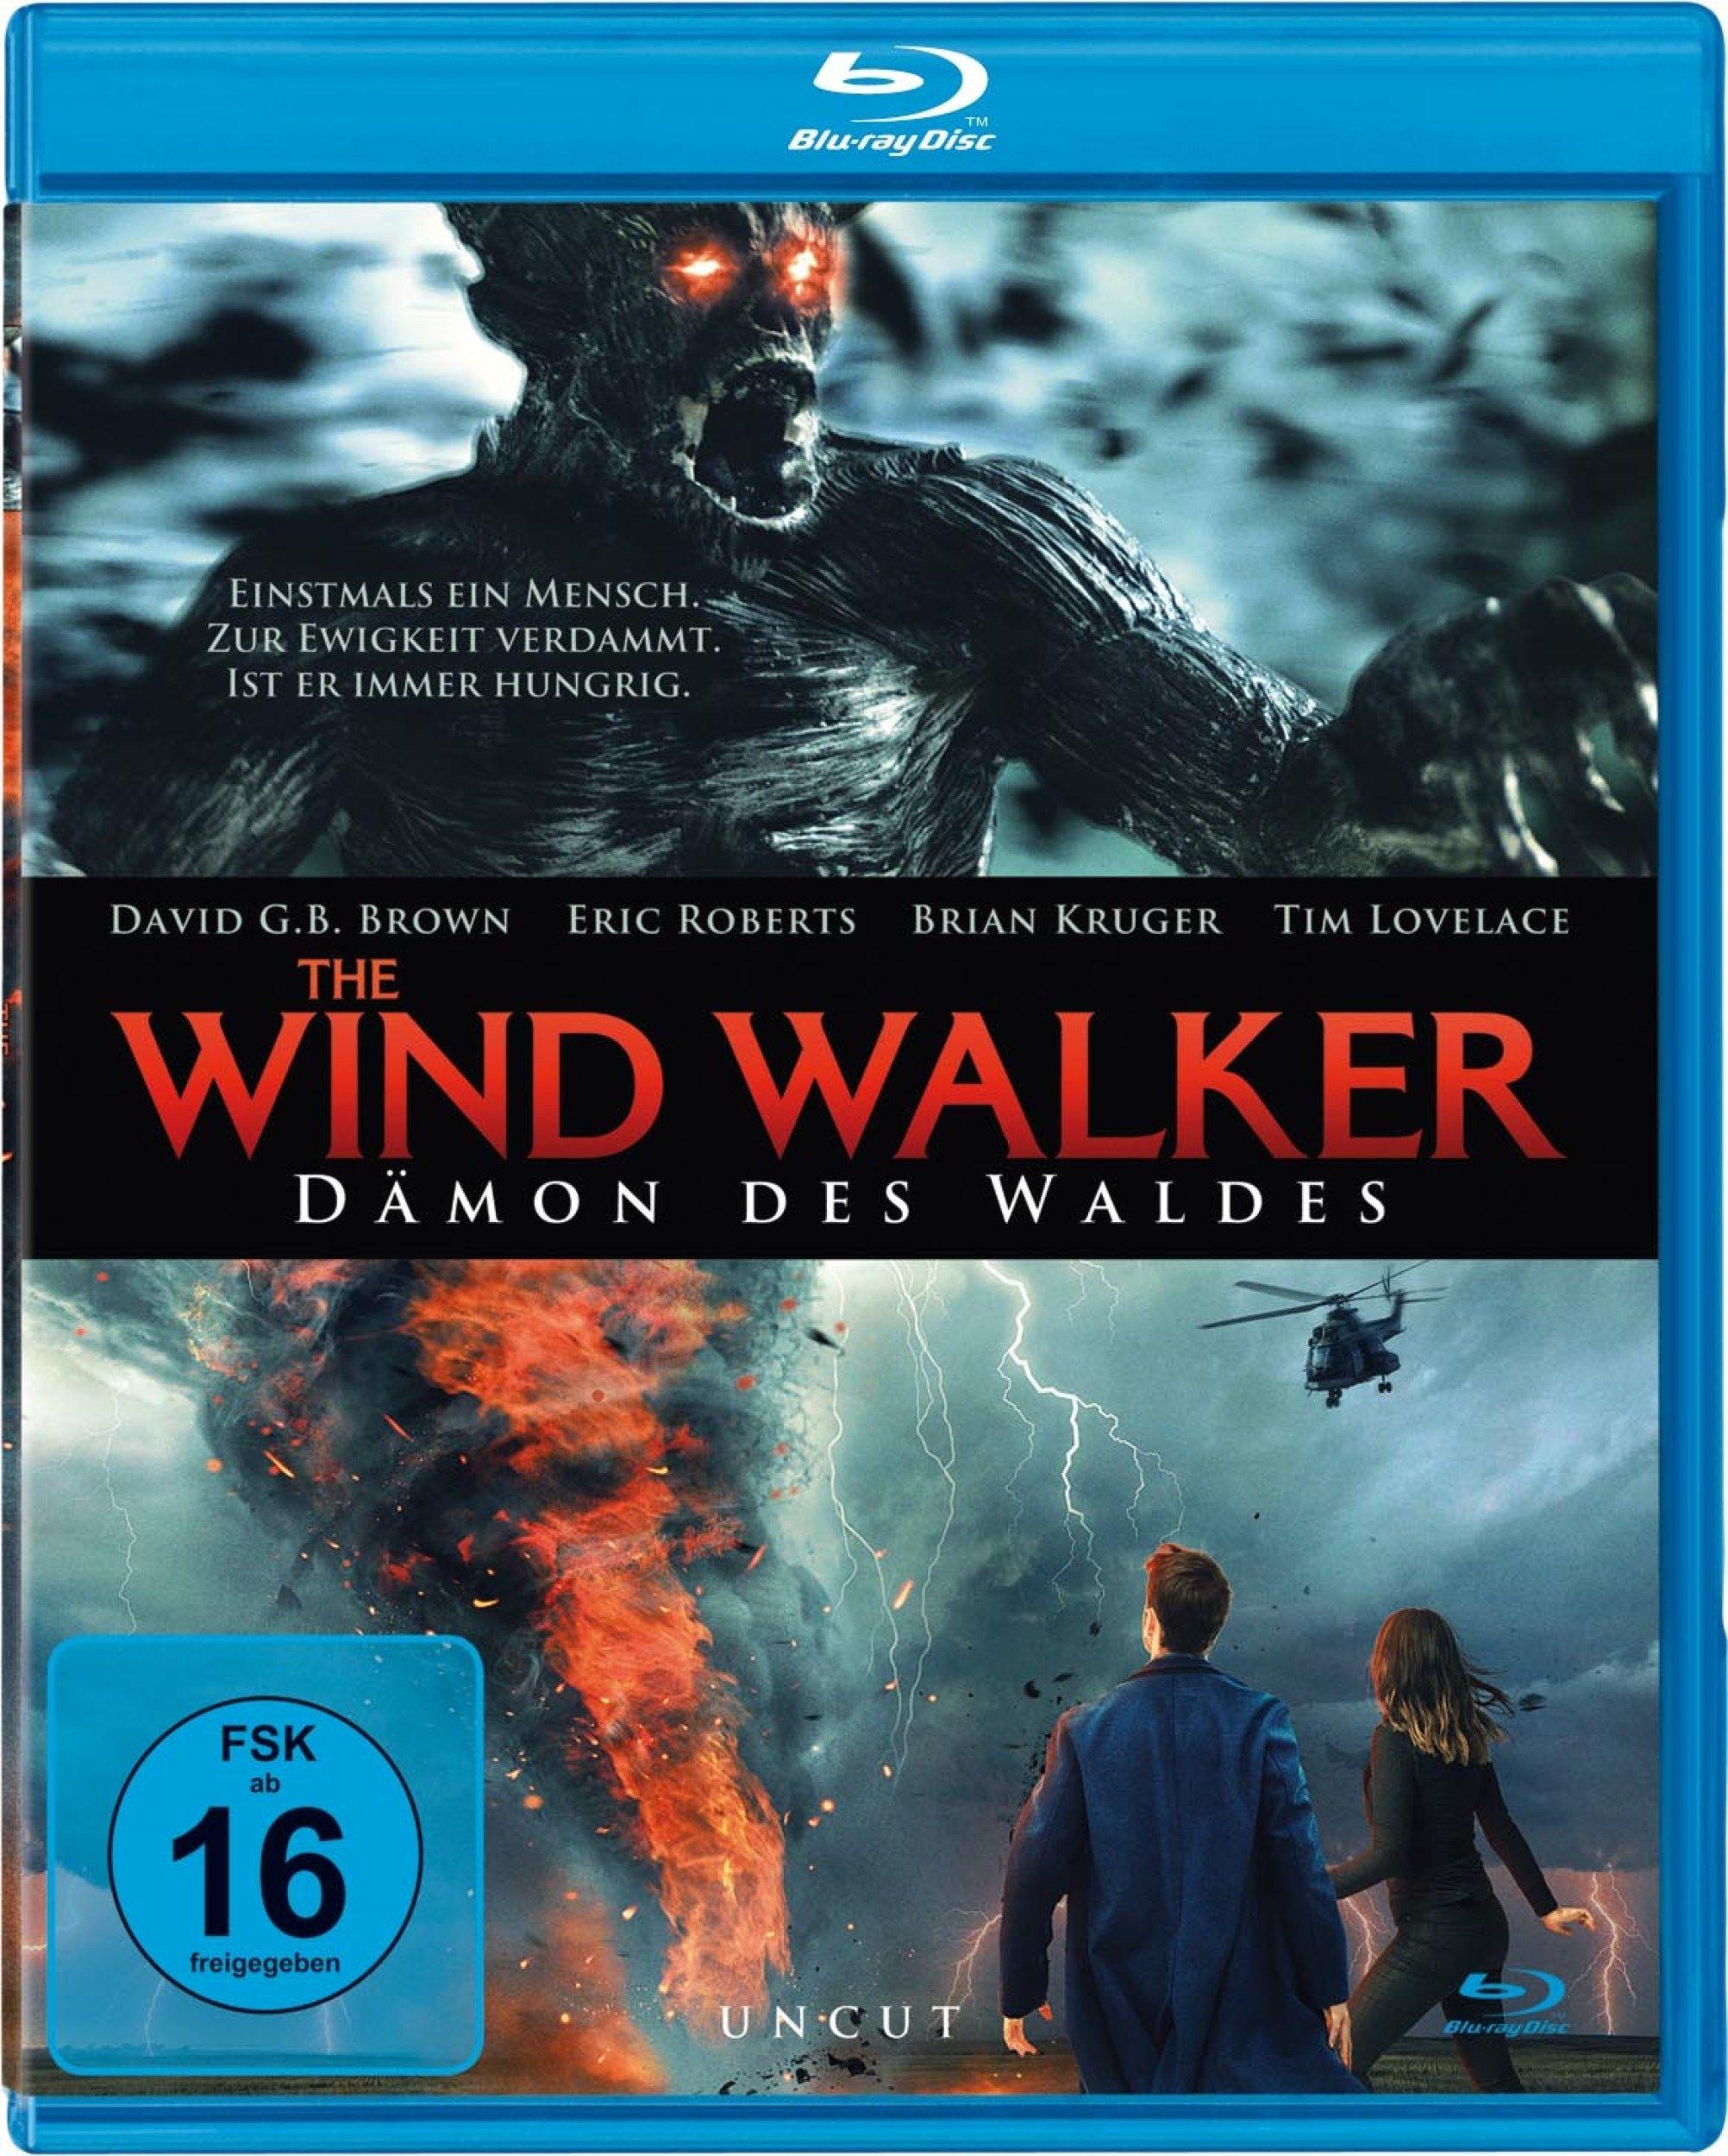 Wind Walker, The - Dämon des Waldes (BLURAY)